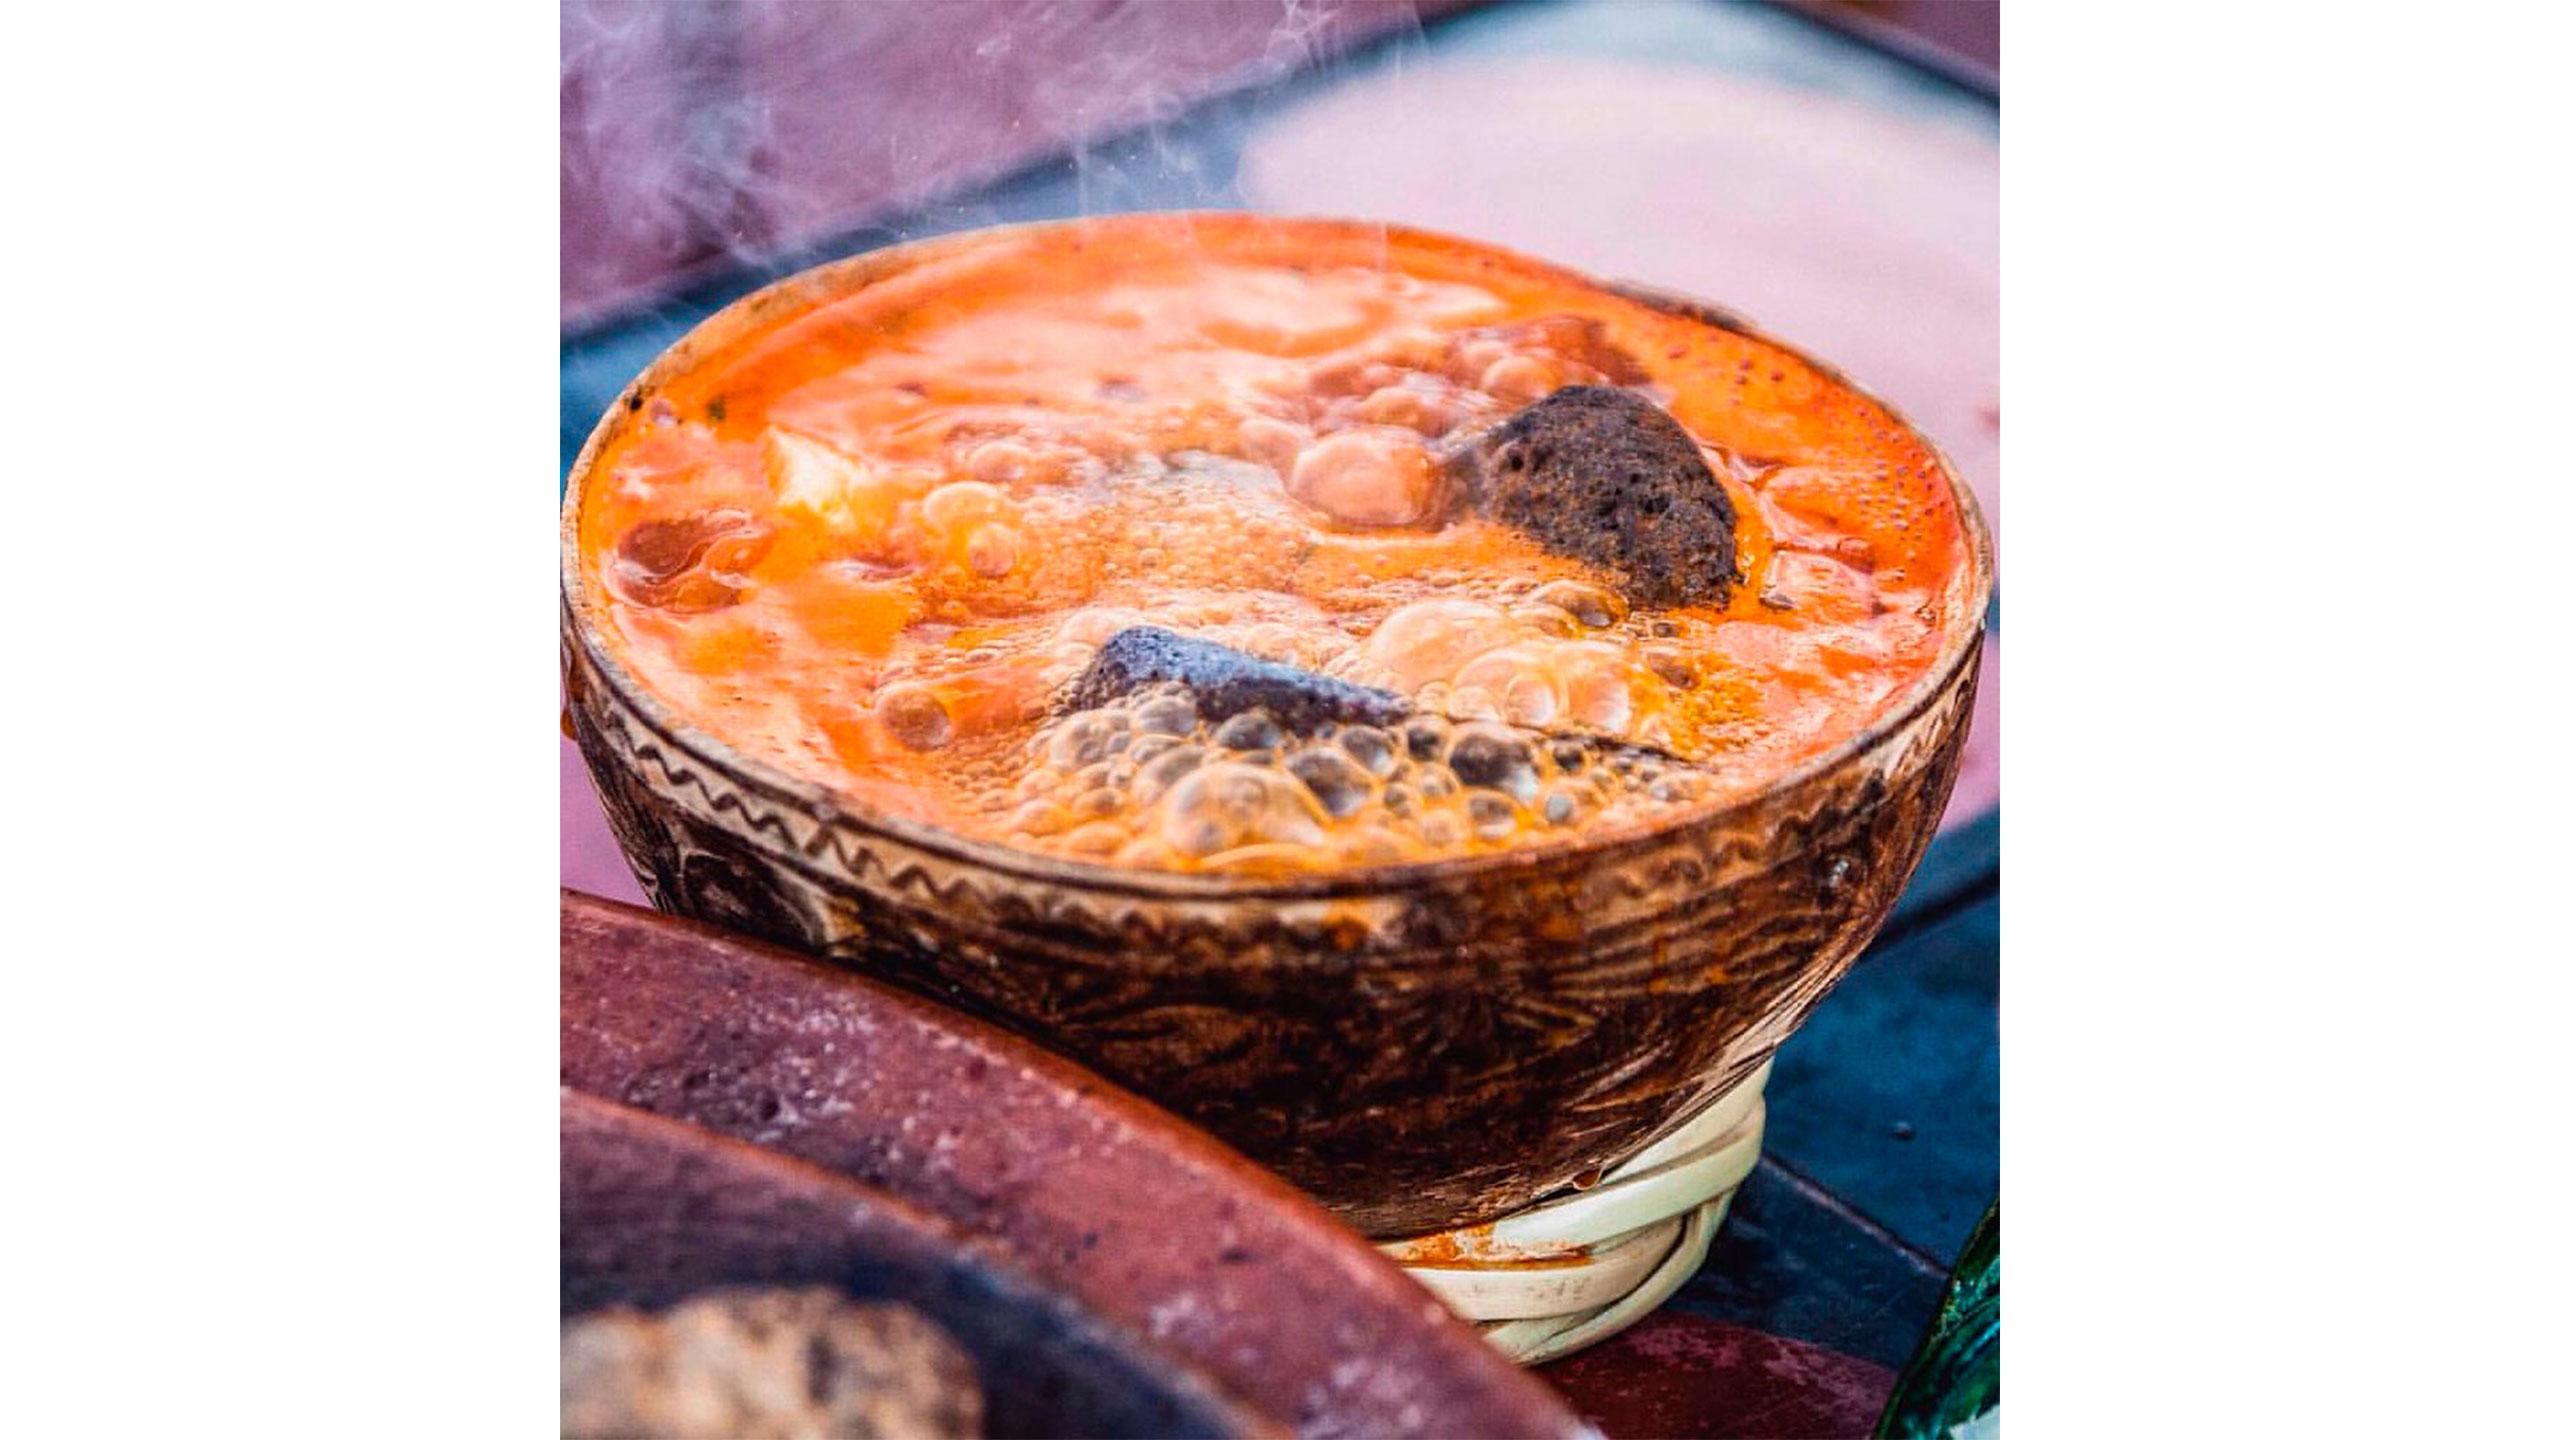 caldo-de-piedra-comida prehispanica